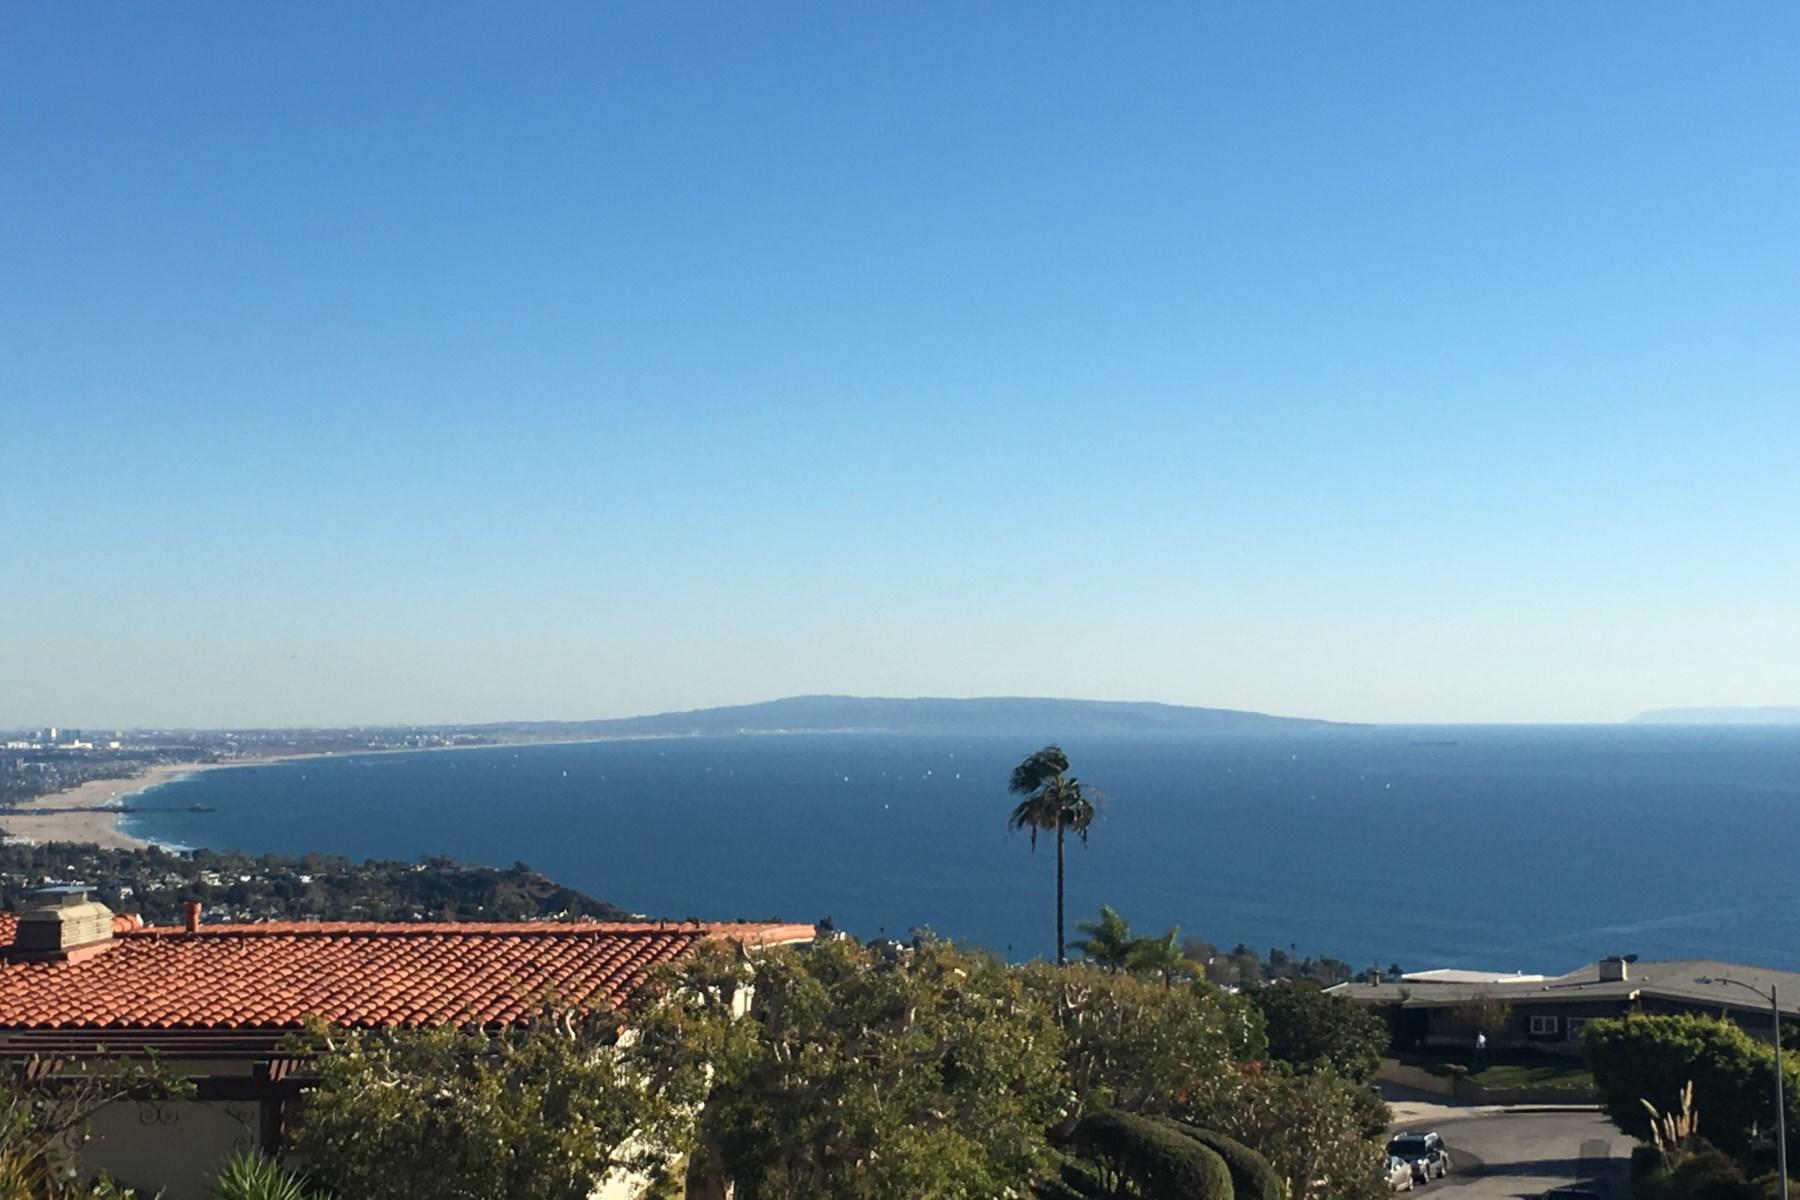 Частный односемейный дом для того Продажа на Spectacular Jetliner Views 1099 Vista Grande Drive Pacific Palisades, Калифорния, 90272 Соединенные Штаты